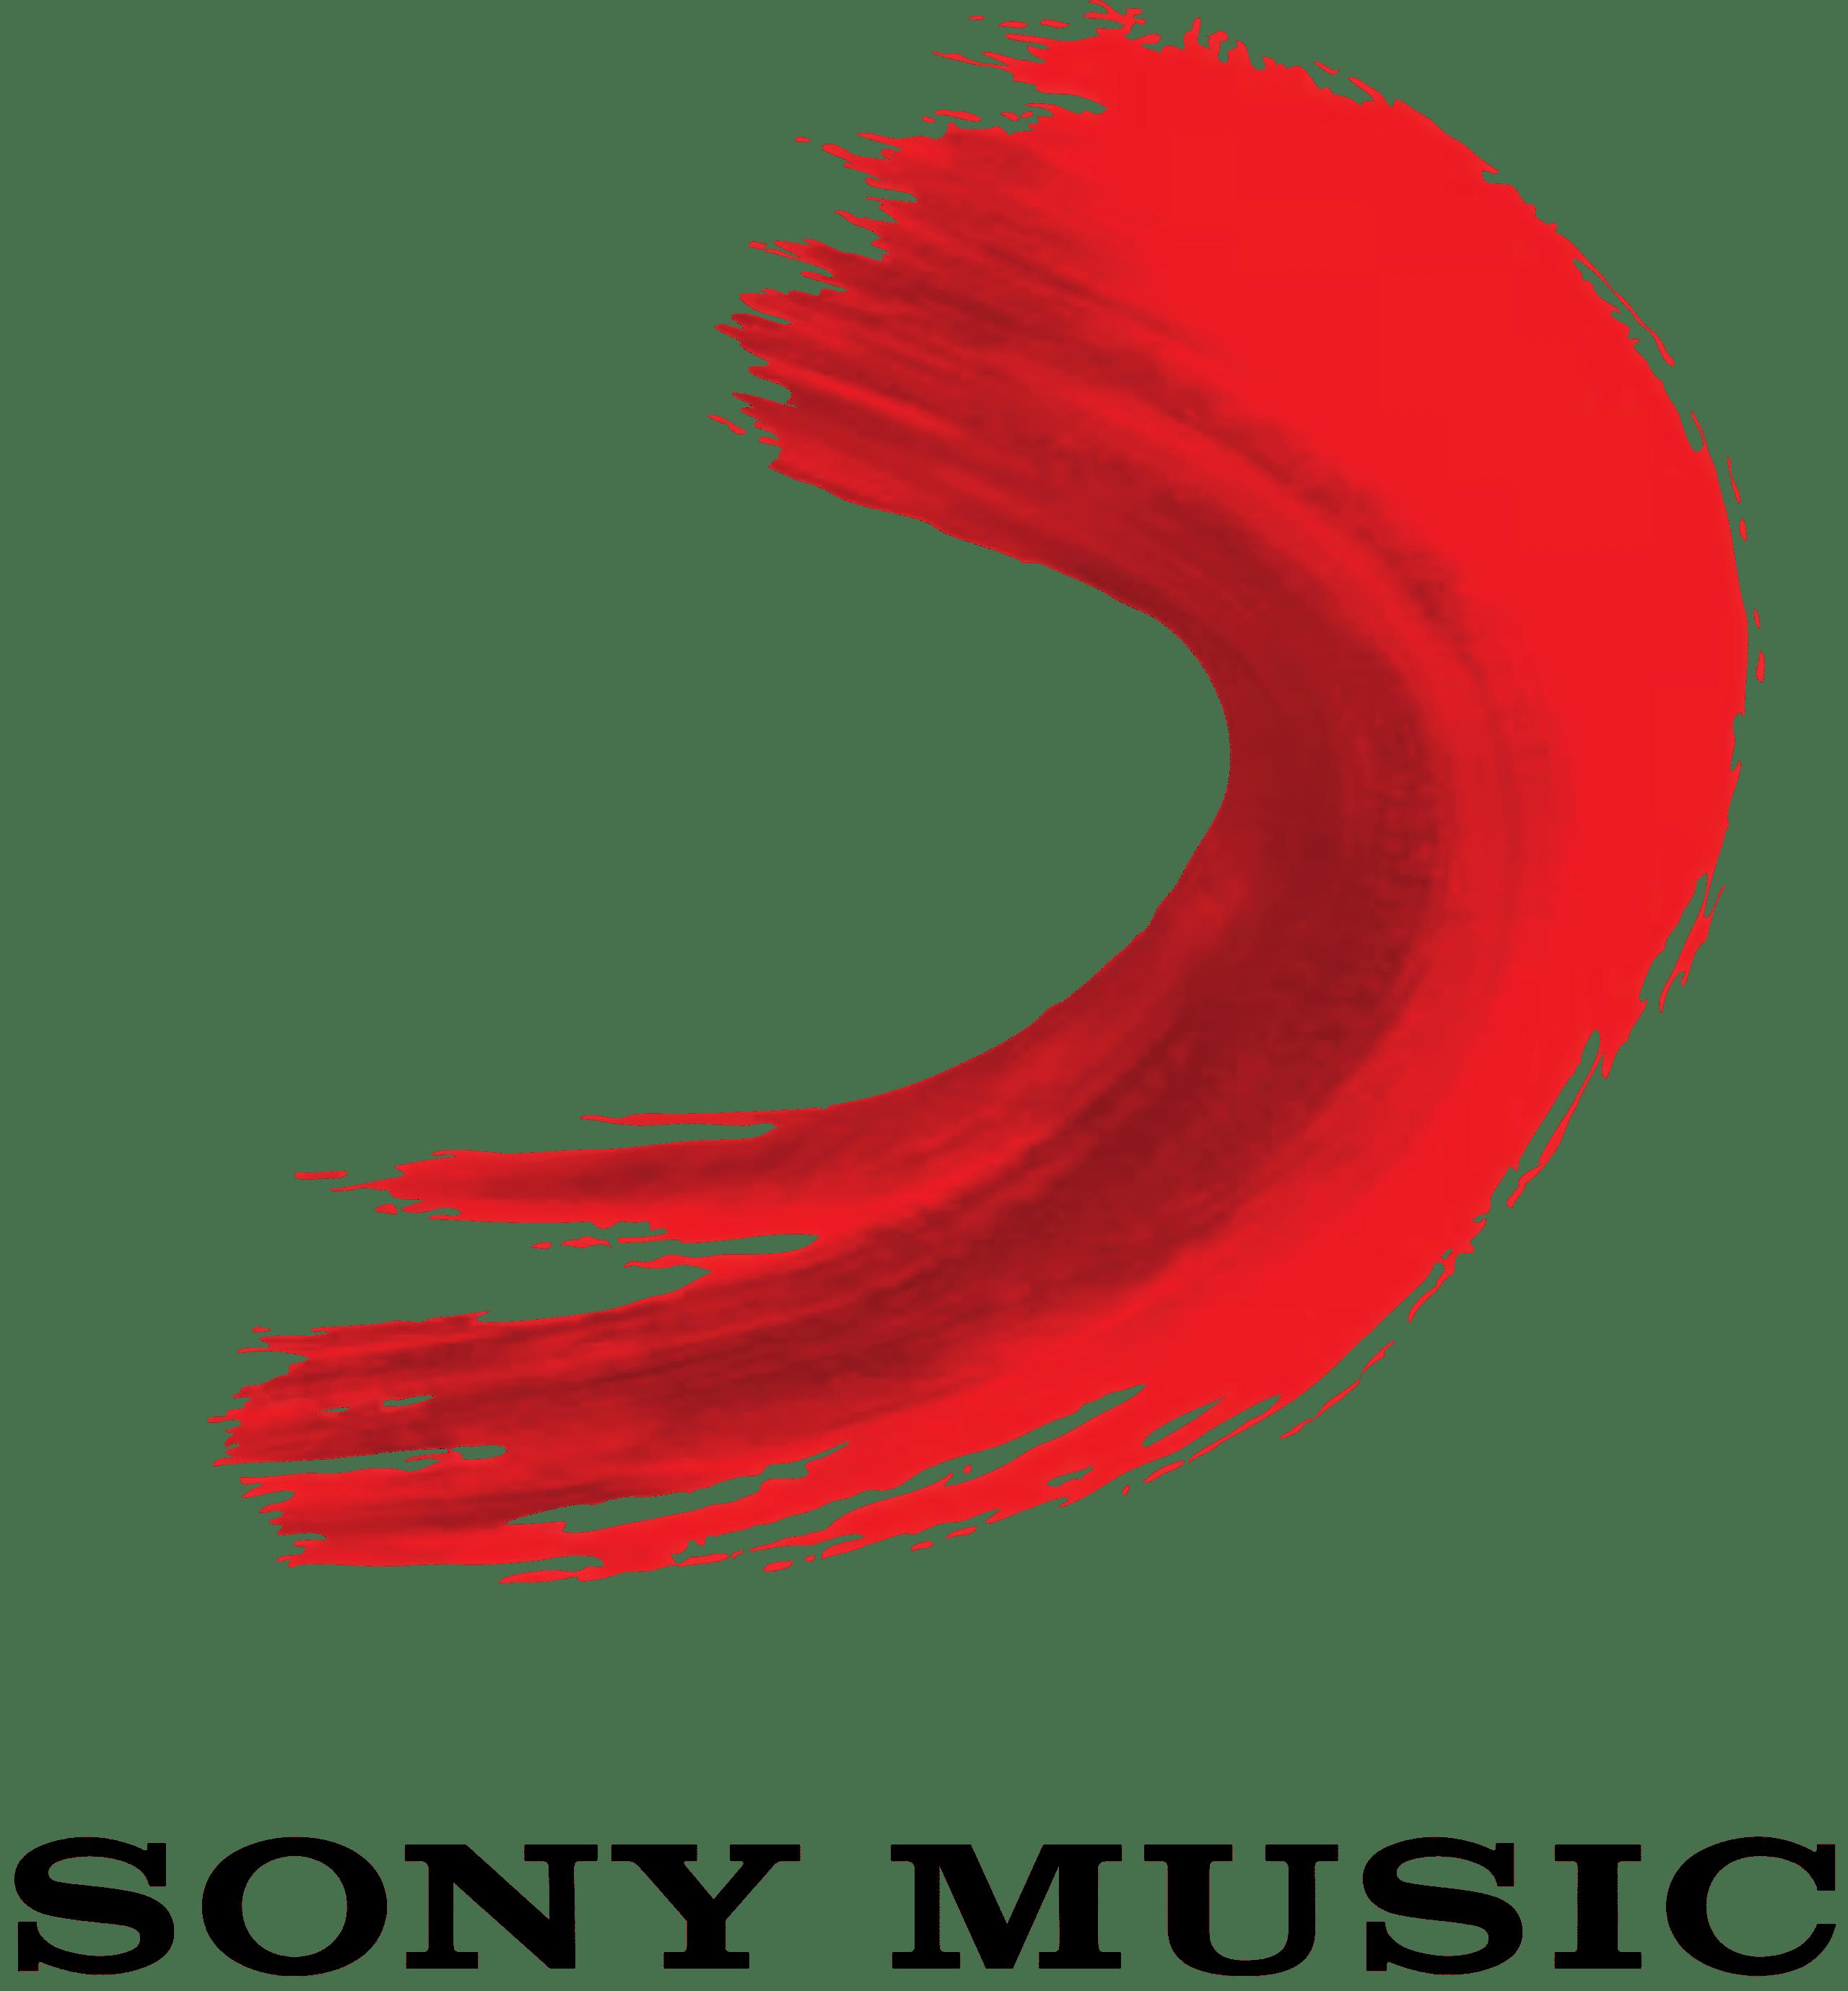 Agosto 2020 Música Nueva Sony Music Artistas Canciones Playlist